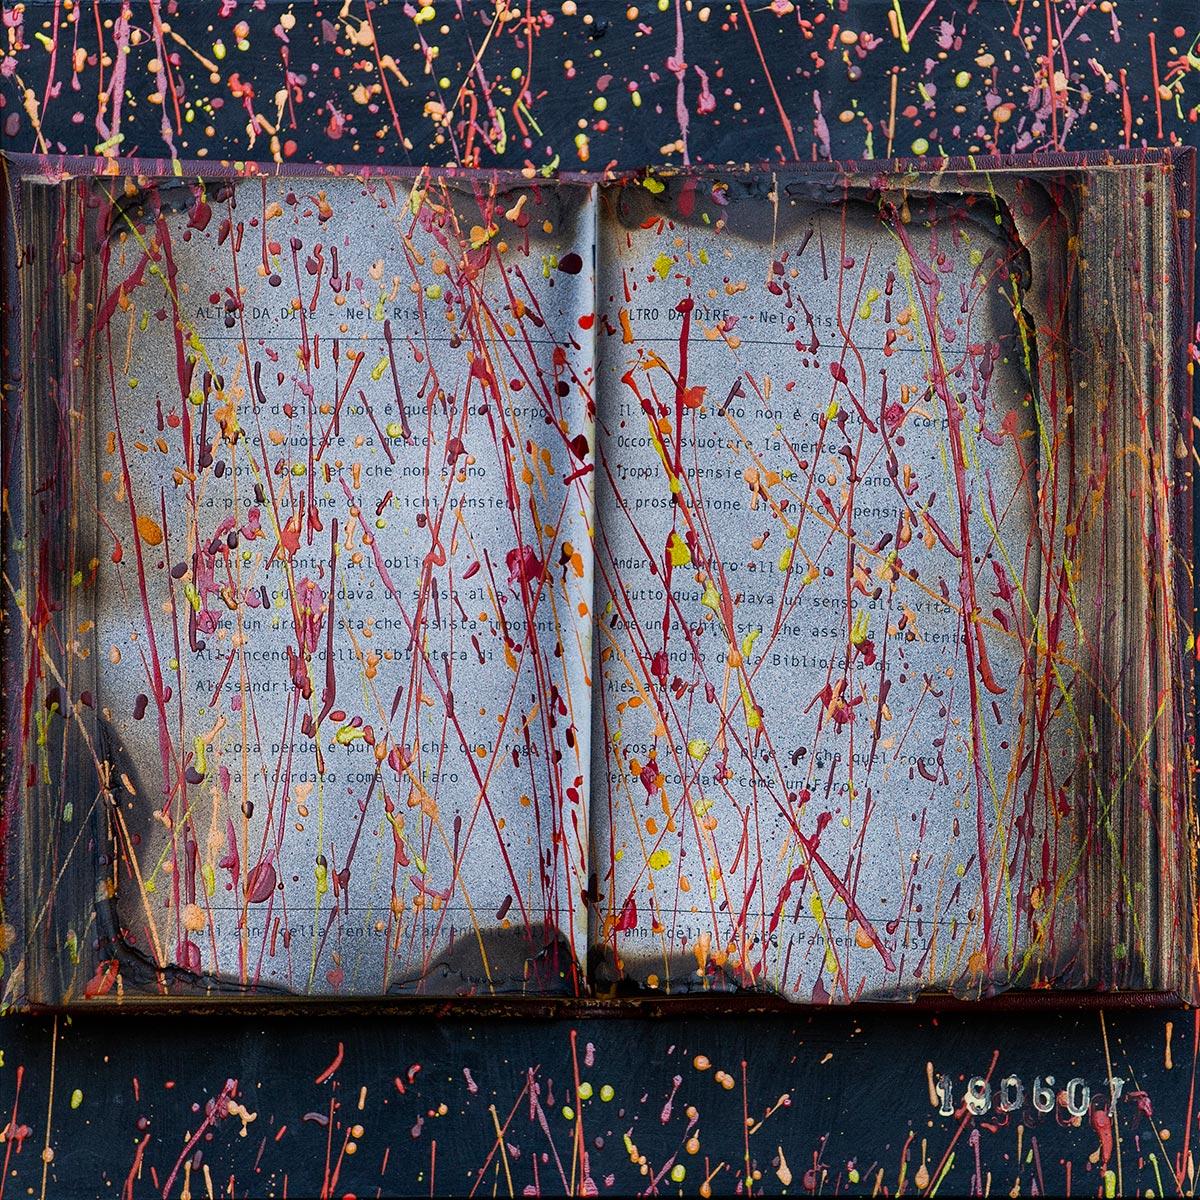 Poesia per Sergio Marzorati